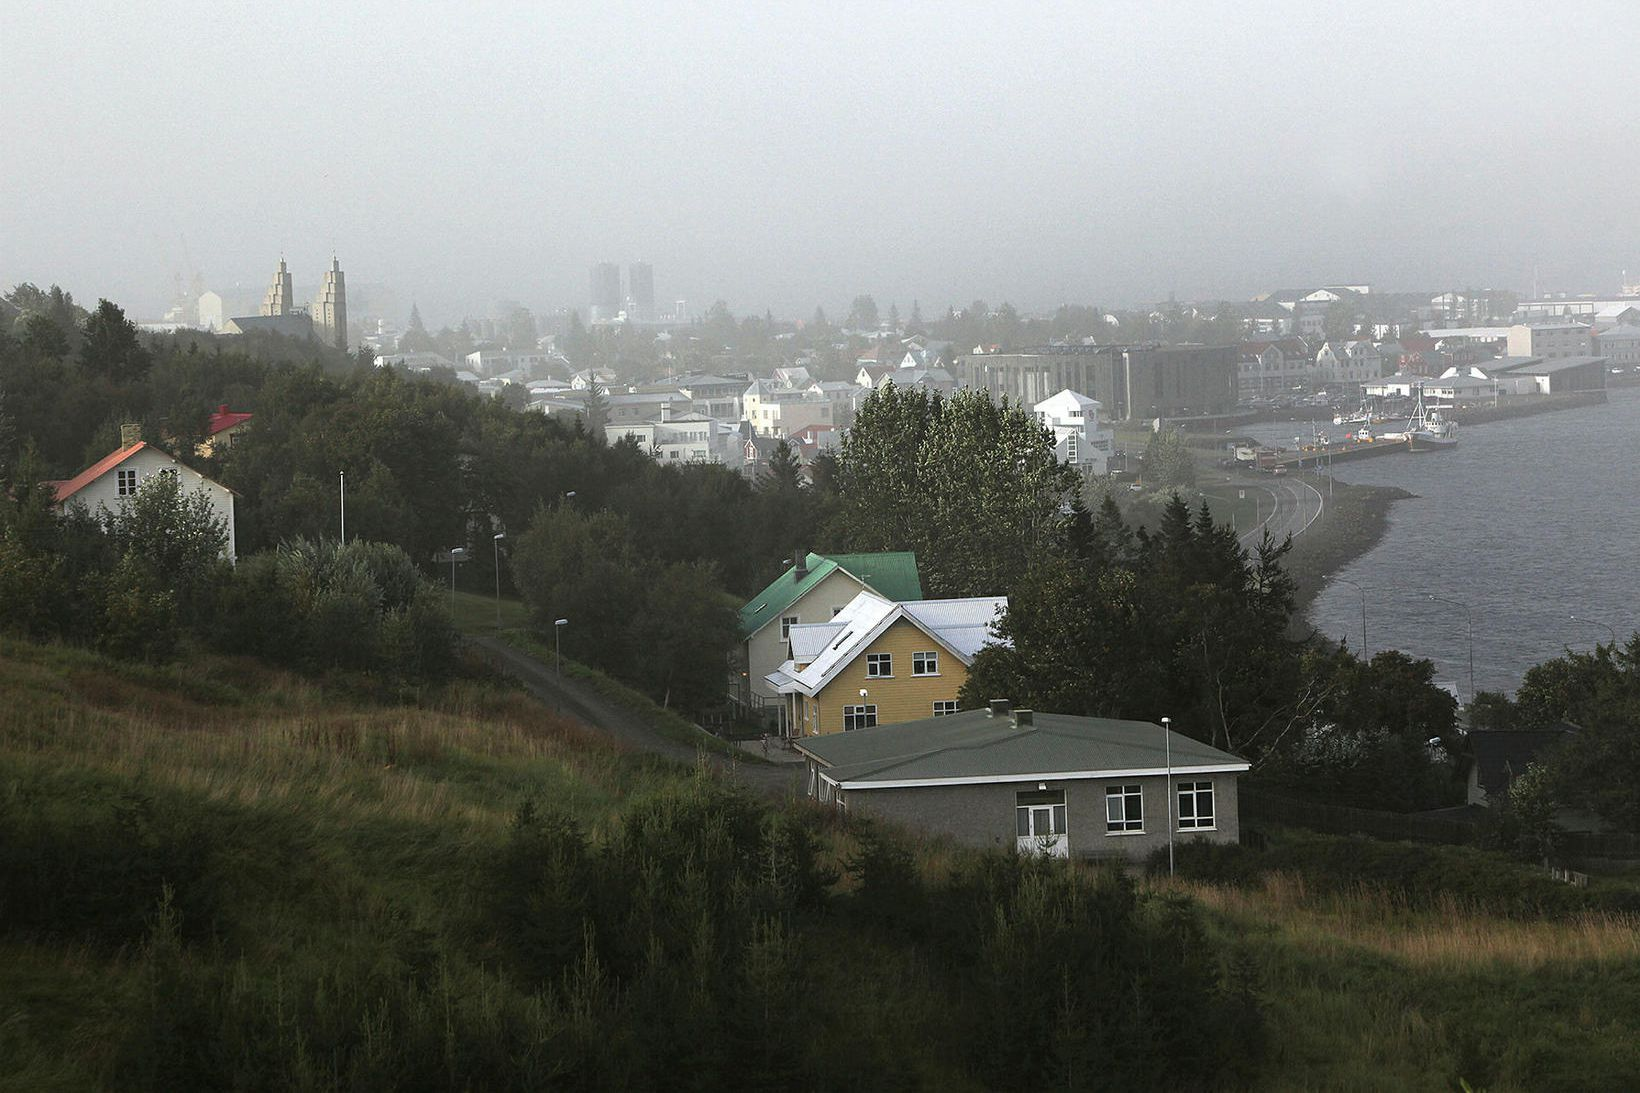 Fjölmargir bústaðir eru í Vaðlaheiðinni gegnt Akureyri. Þessi mynd er …